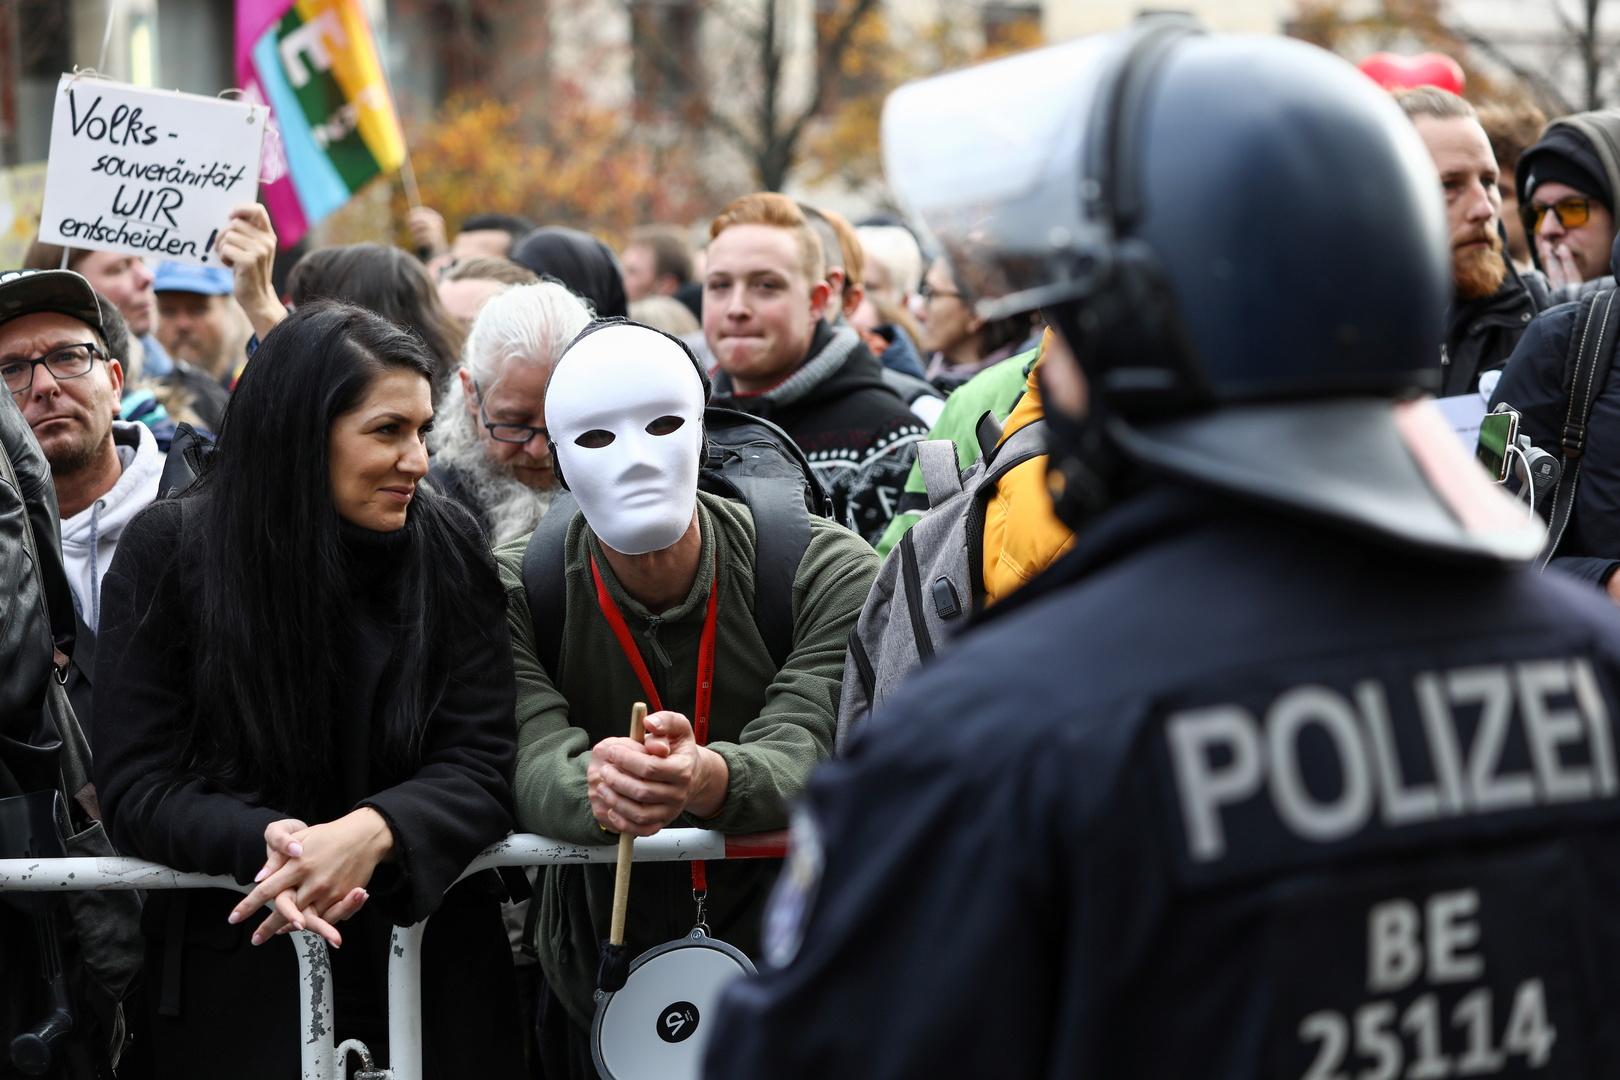 الآلاف يتظاهرون في برلين احتجاجا على خطط ميركل لتشديد قيود كورونا